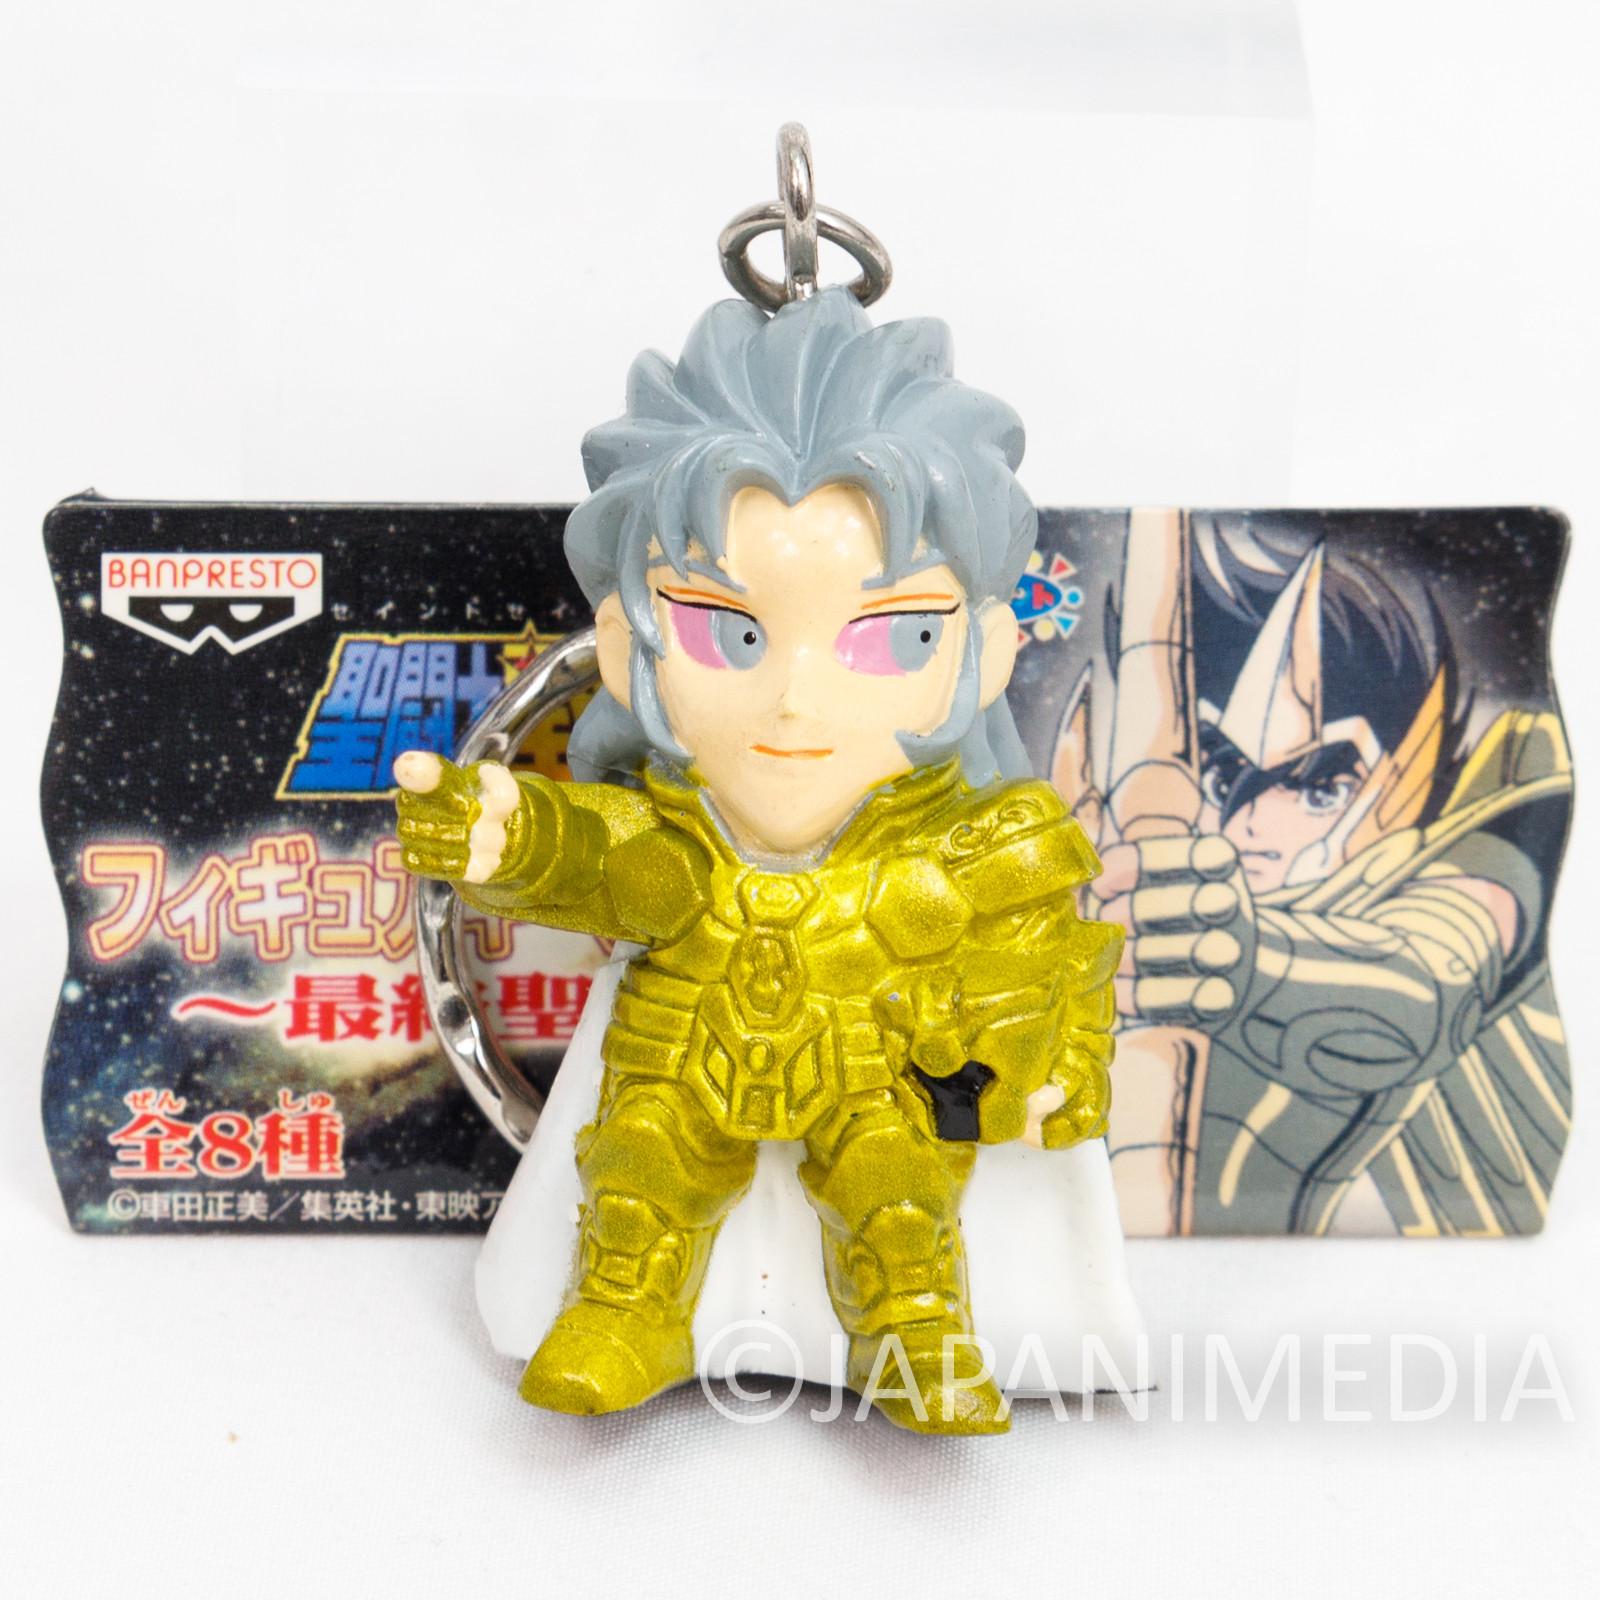 Saint Seiya Gold Saint Gemini Saga Evil Figure Key Chain JAPAN ANIME MANGA